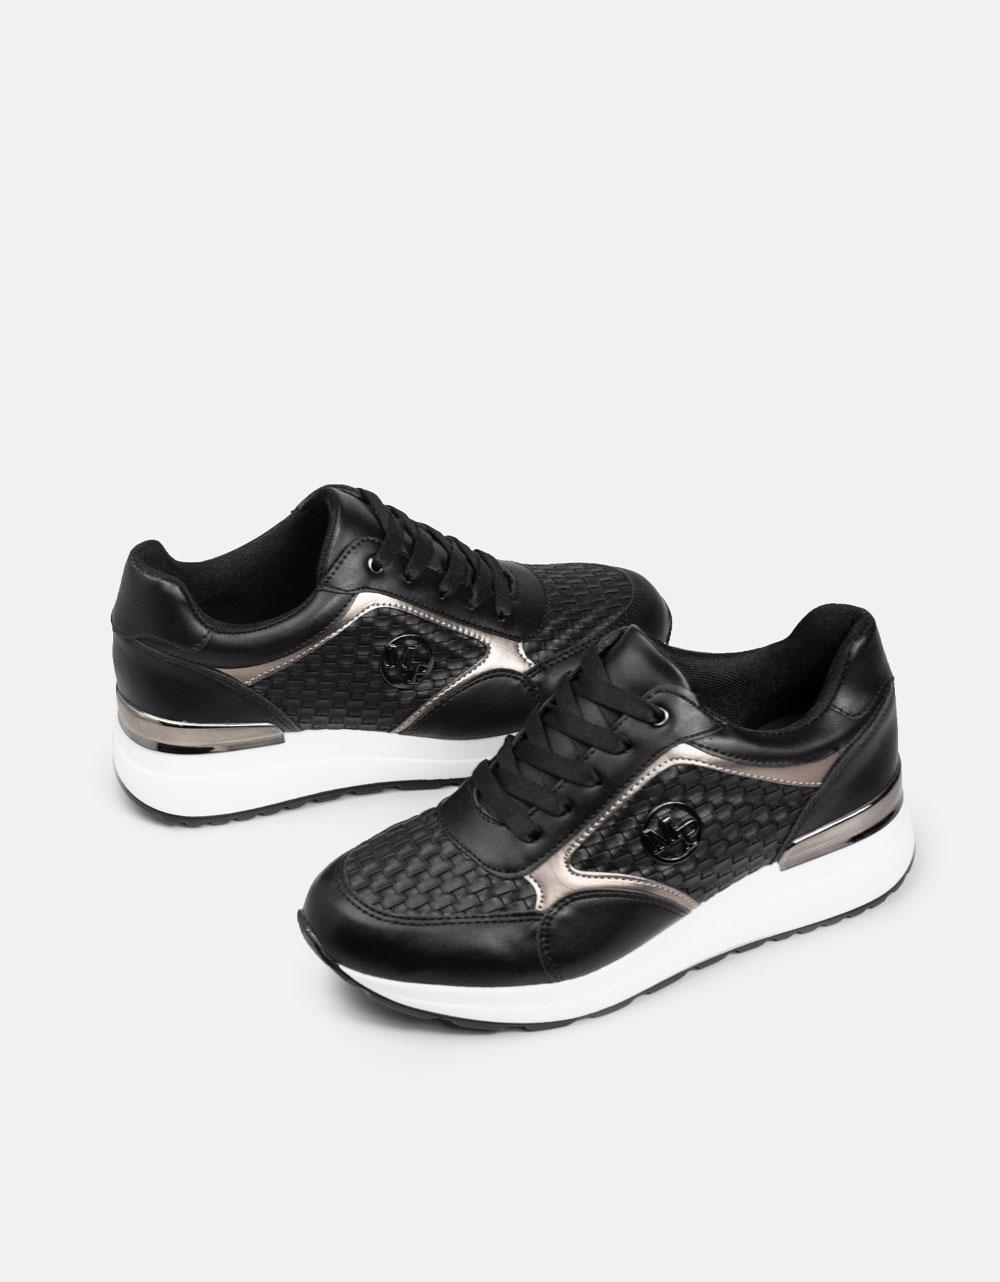 Εικόνα από Γυναικεία sneakers με μεταλλική λεπτομέρεια στο πίσω μέρος Μαύρο